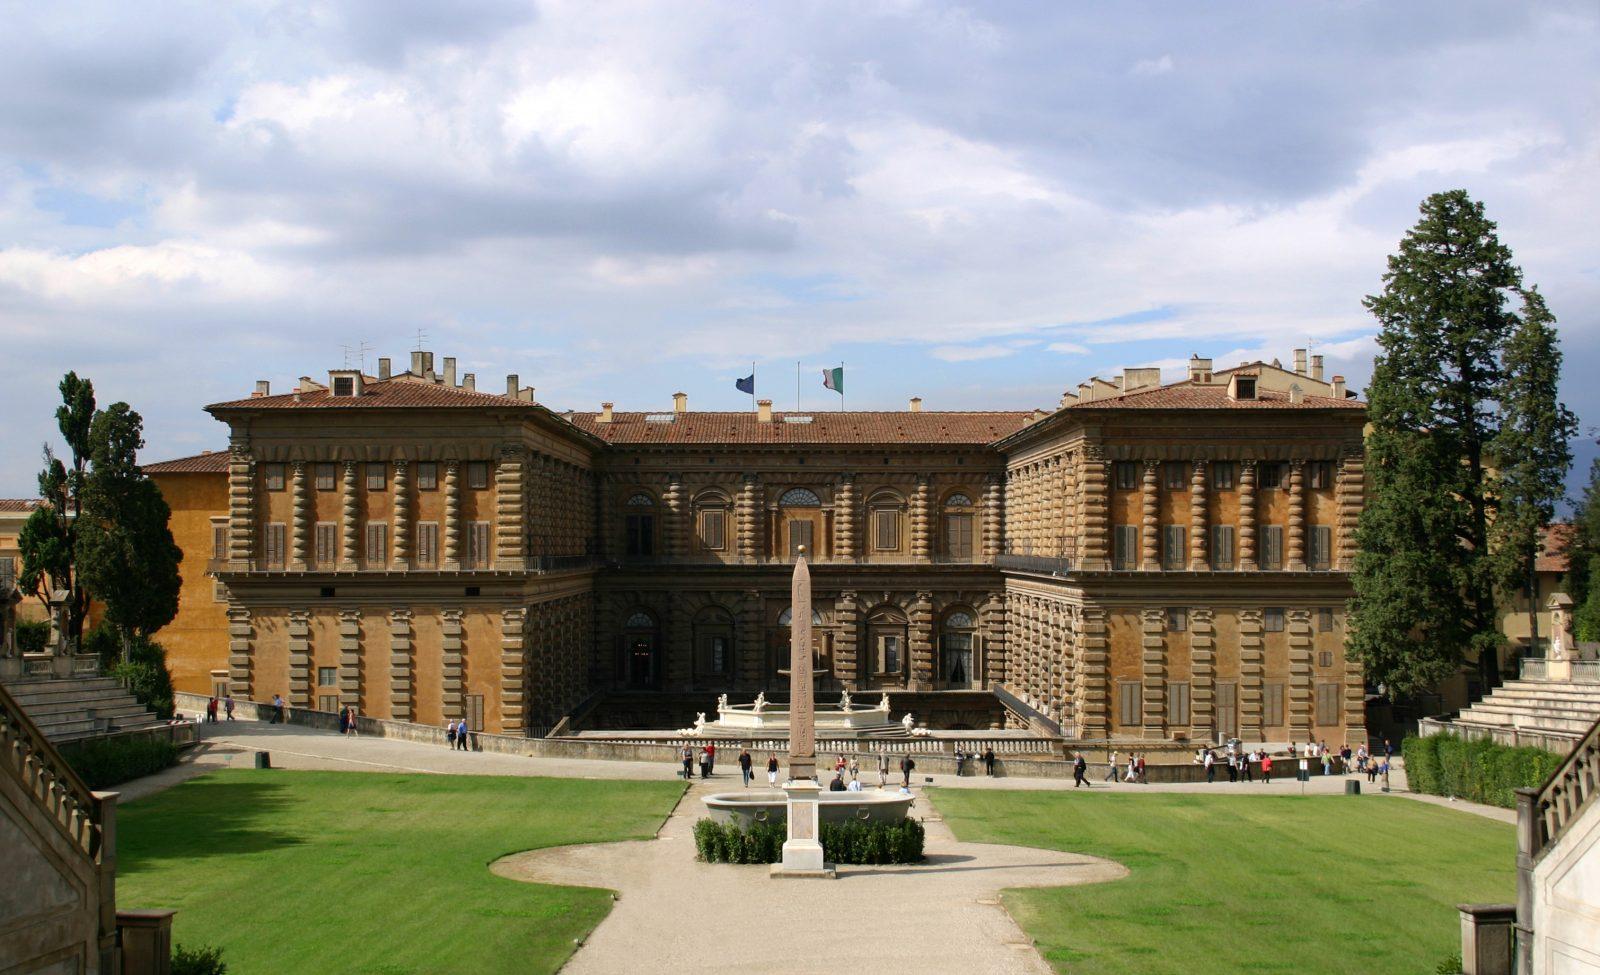 Conheça os 10 pontos turísticos mais conhecidos na Itália 4 dicas Viaje Global